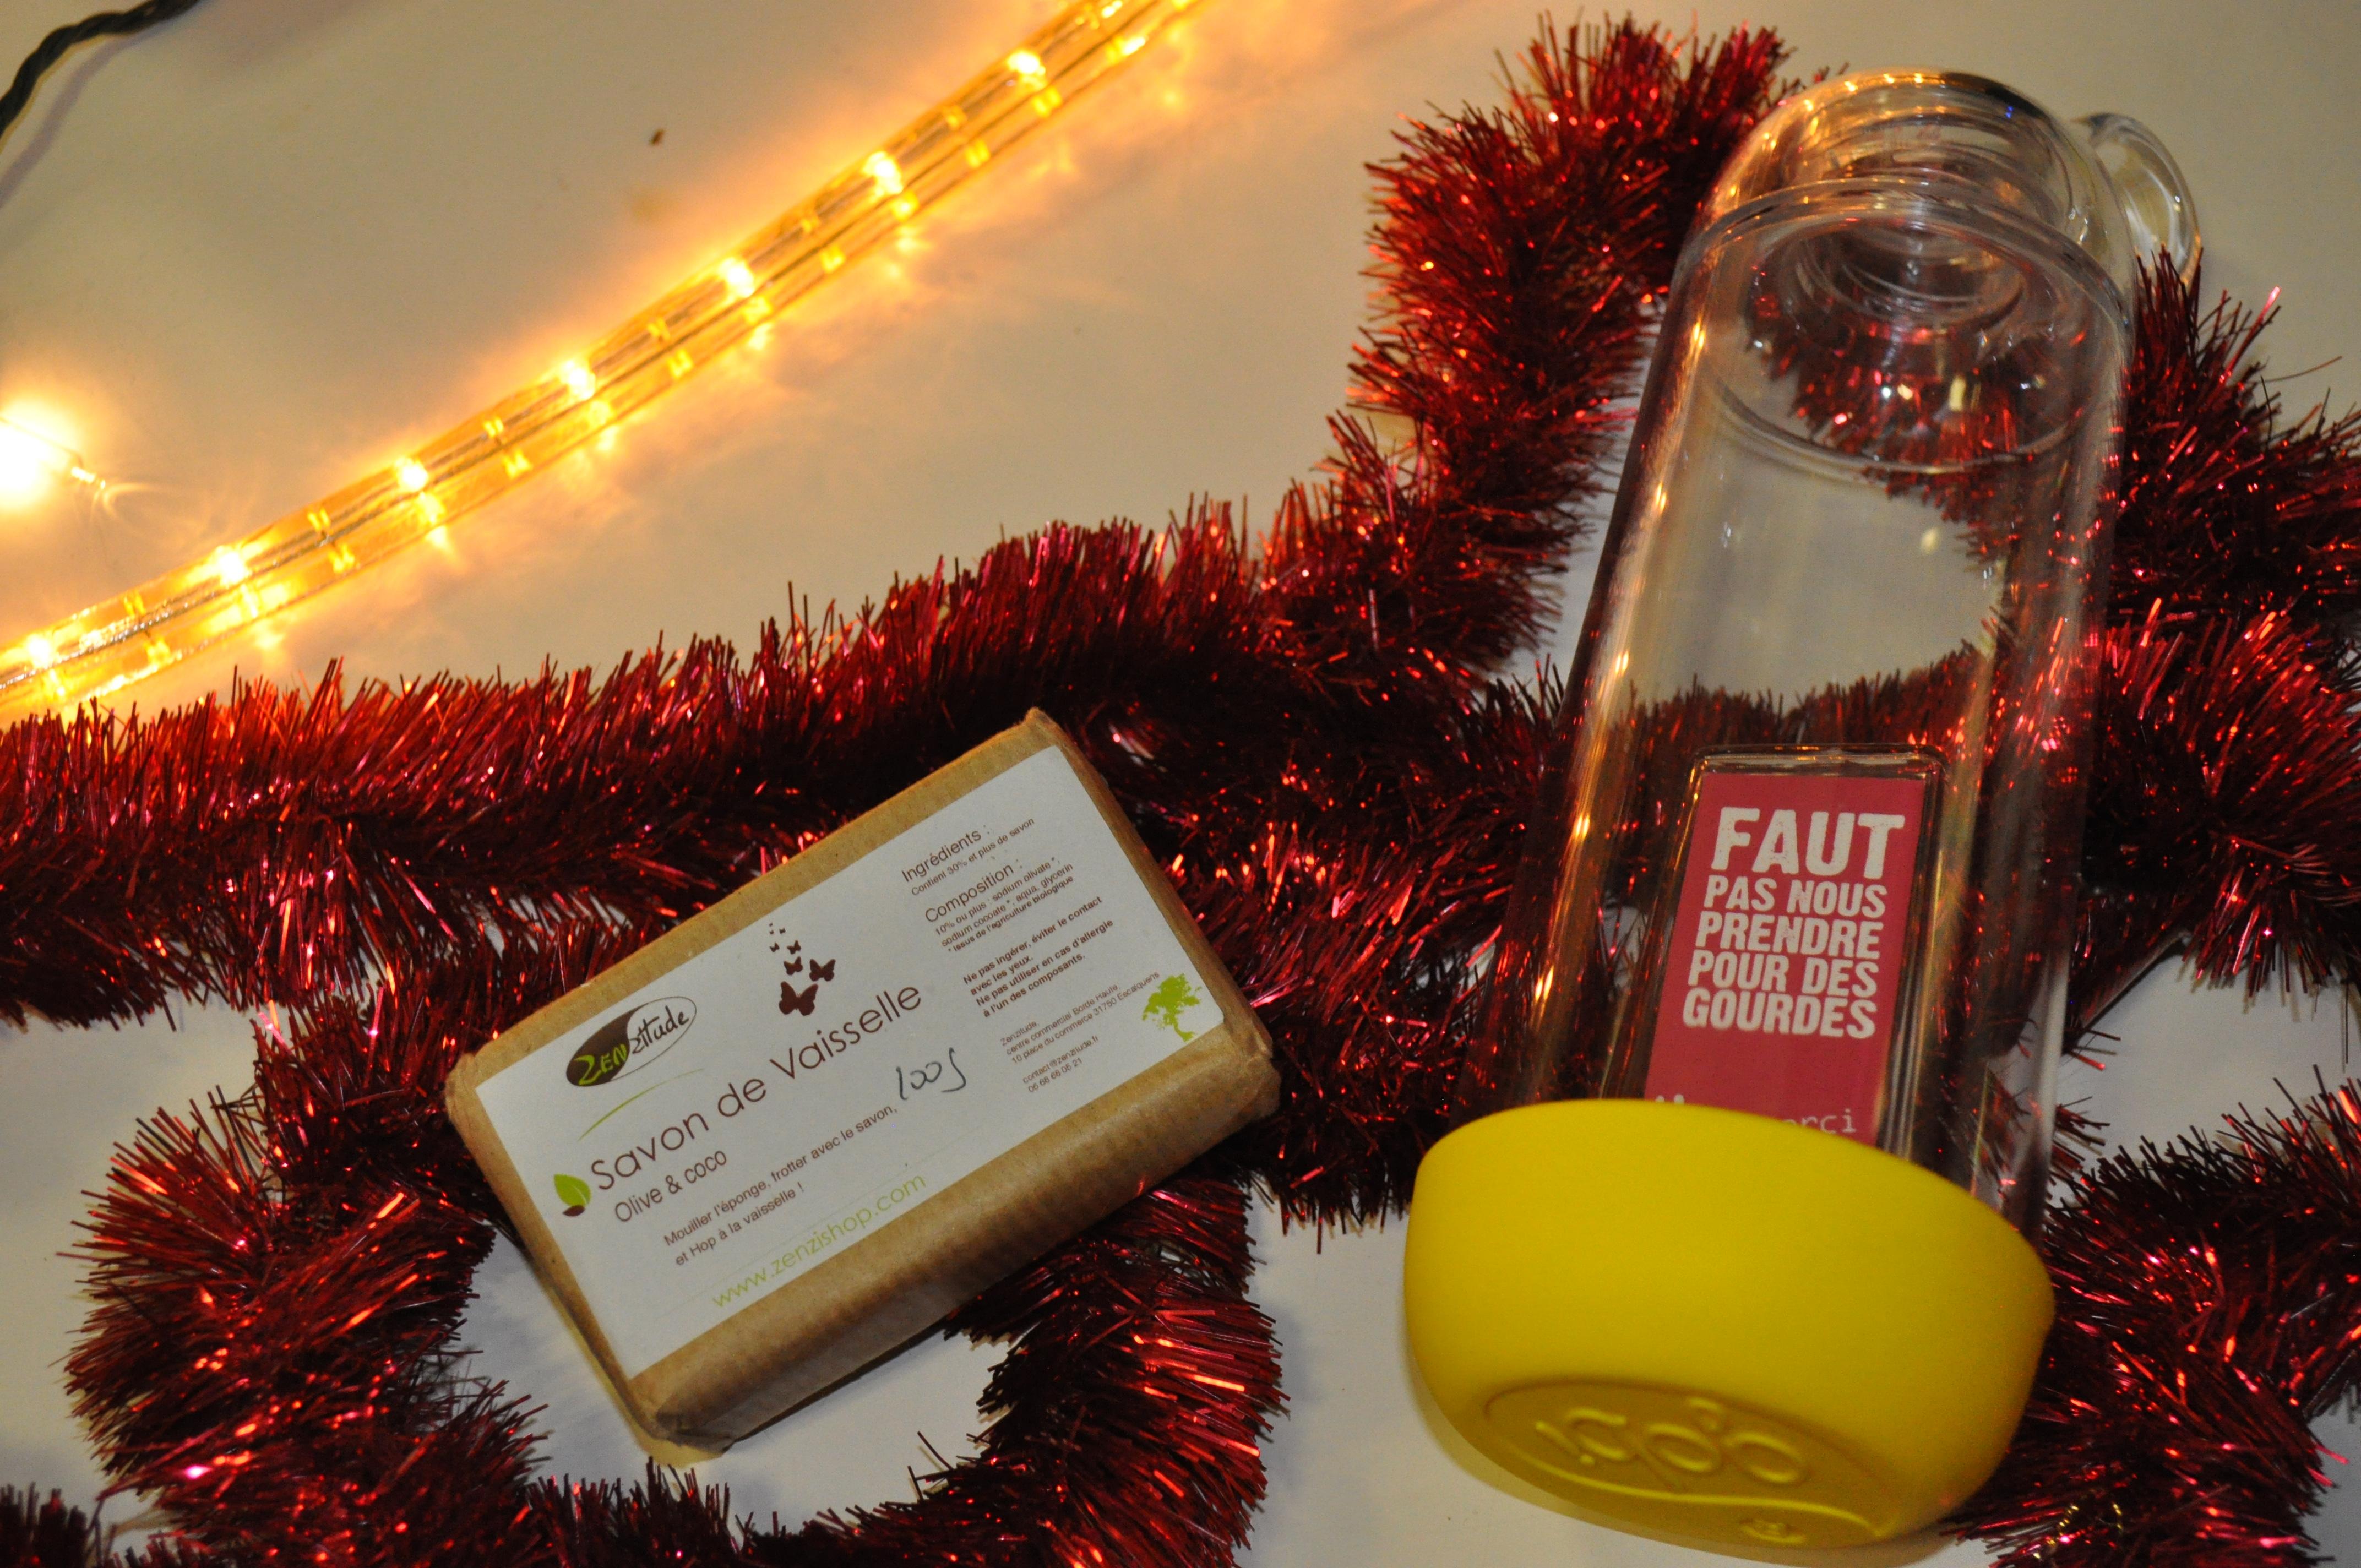 DSC 0844 - Où trouver des cadeaux sans perturbateurs endocriniens ?